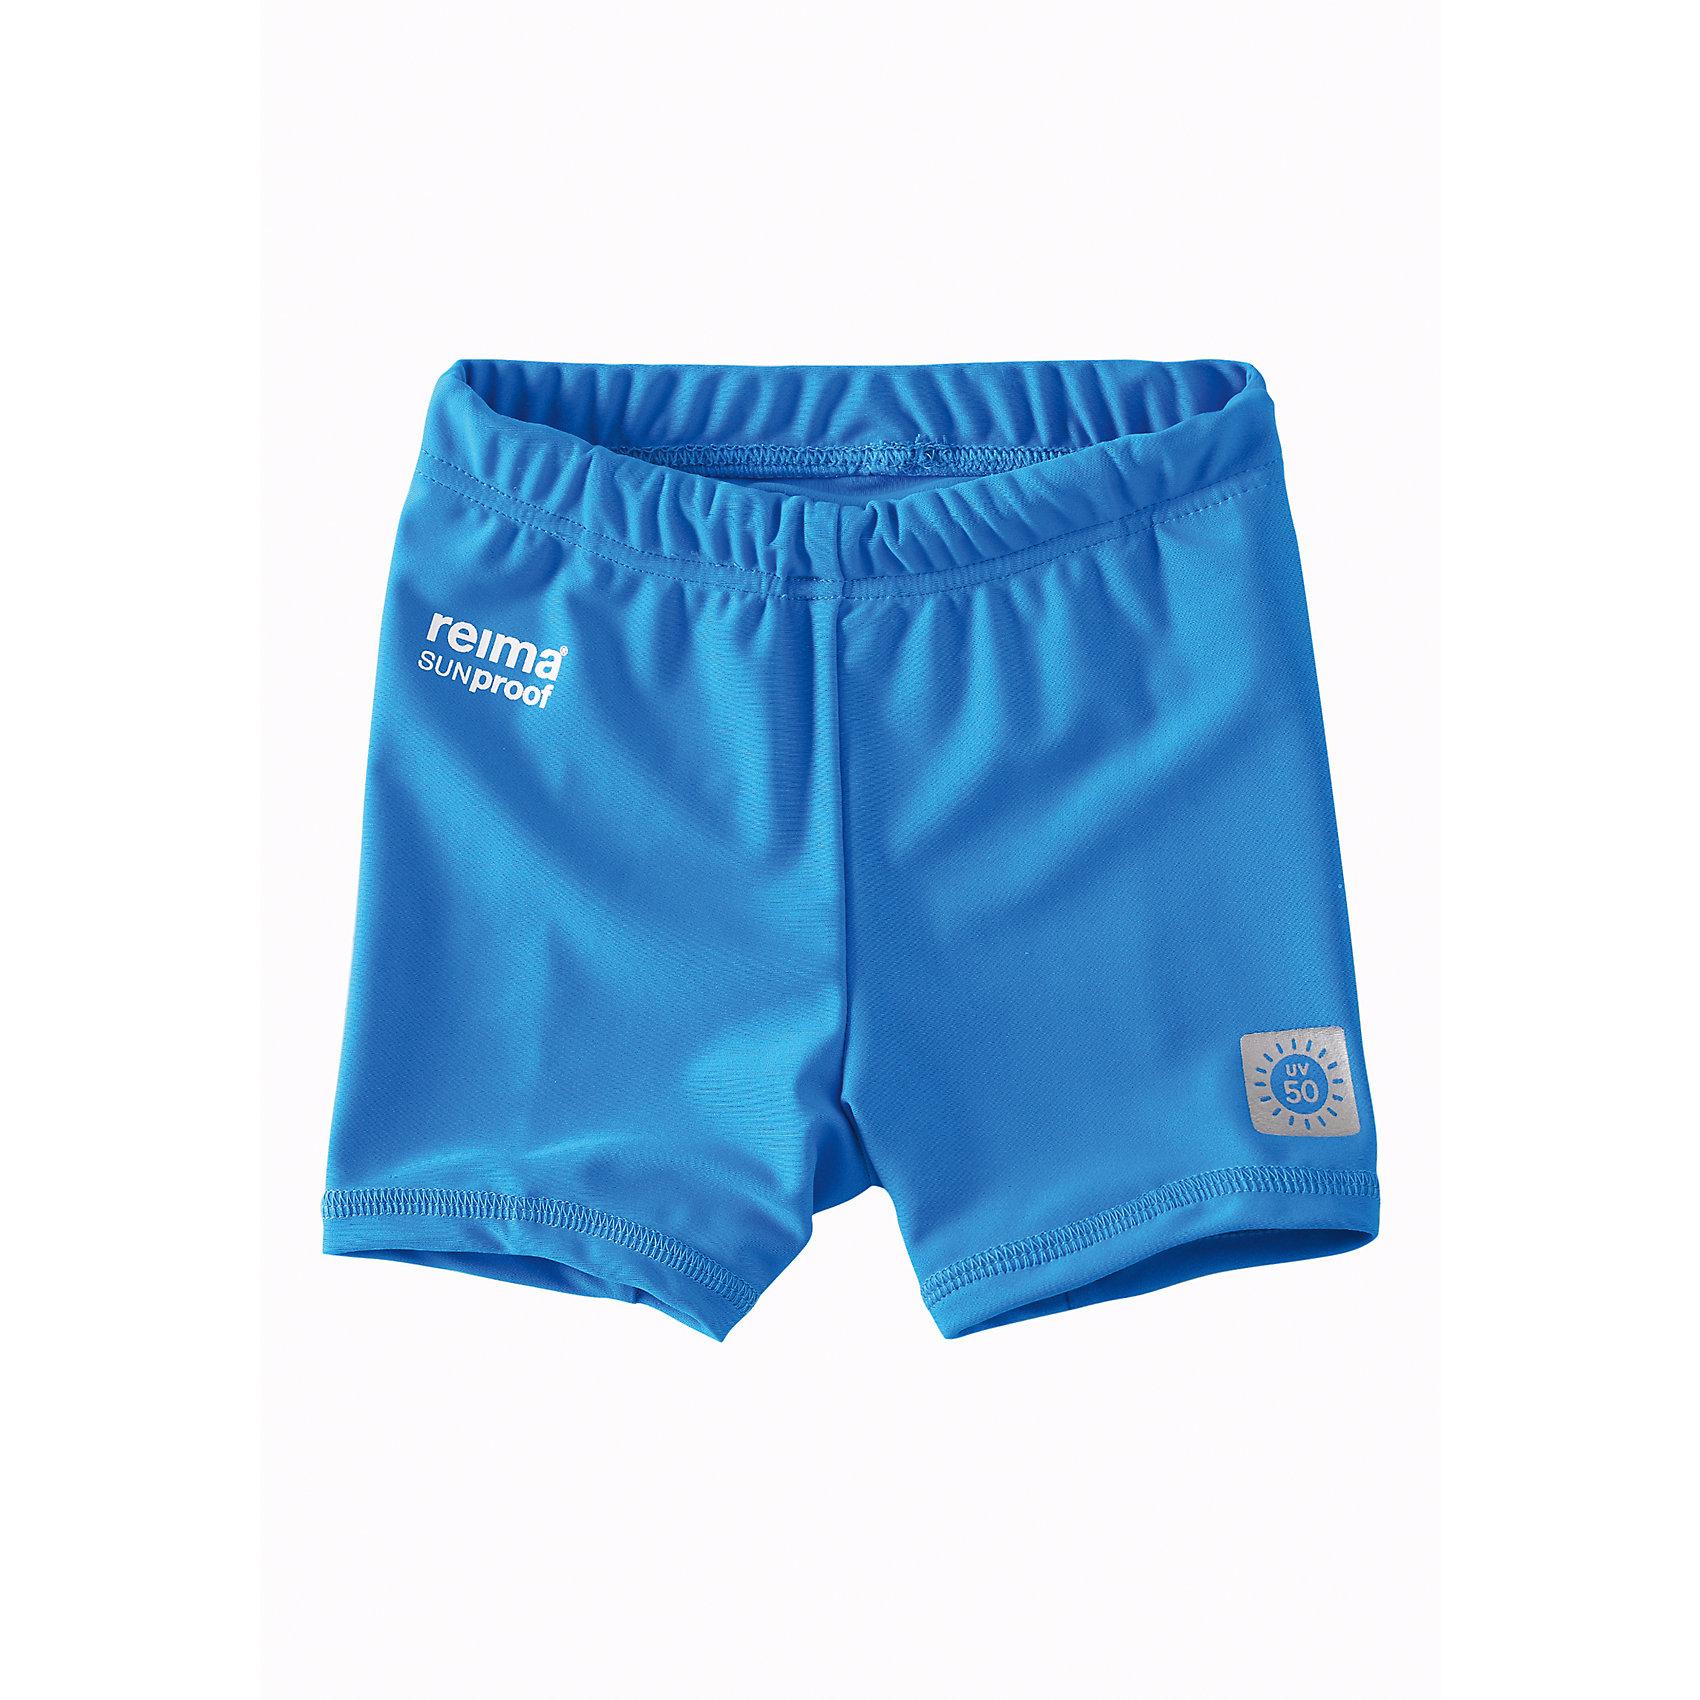 Купальные шорты для мальчика Reima